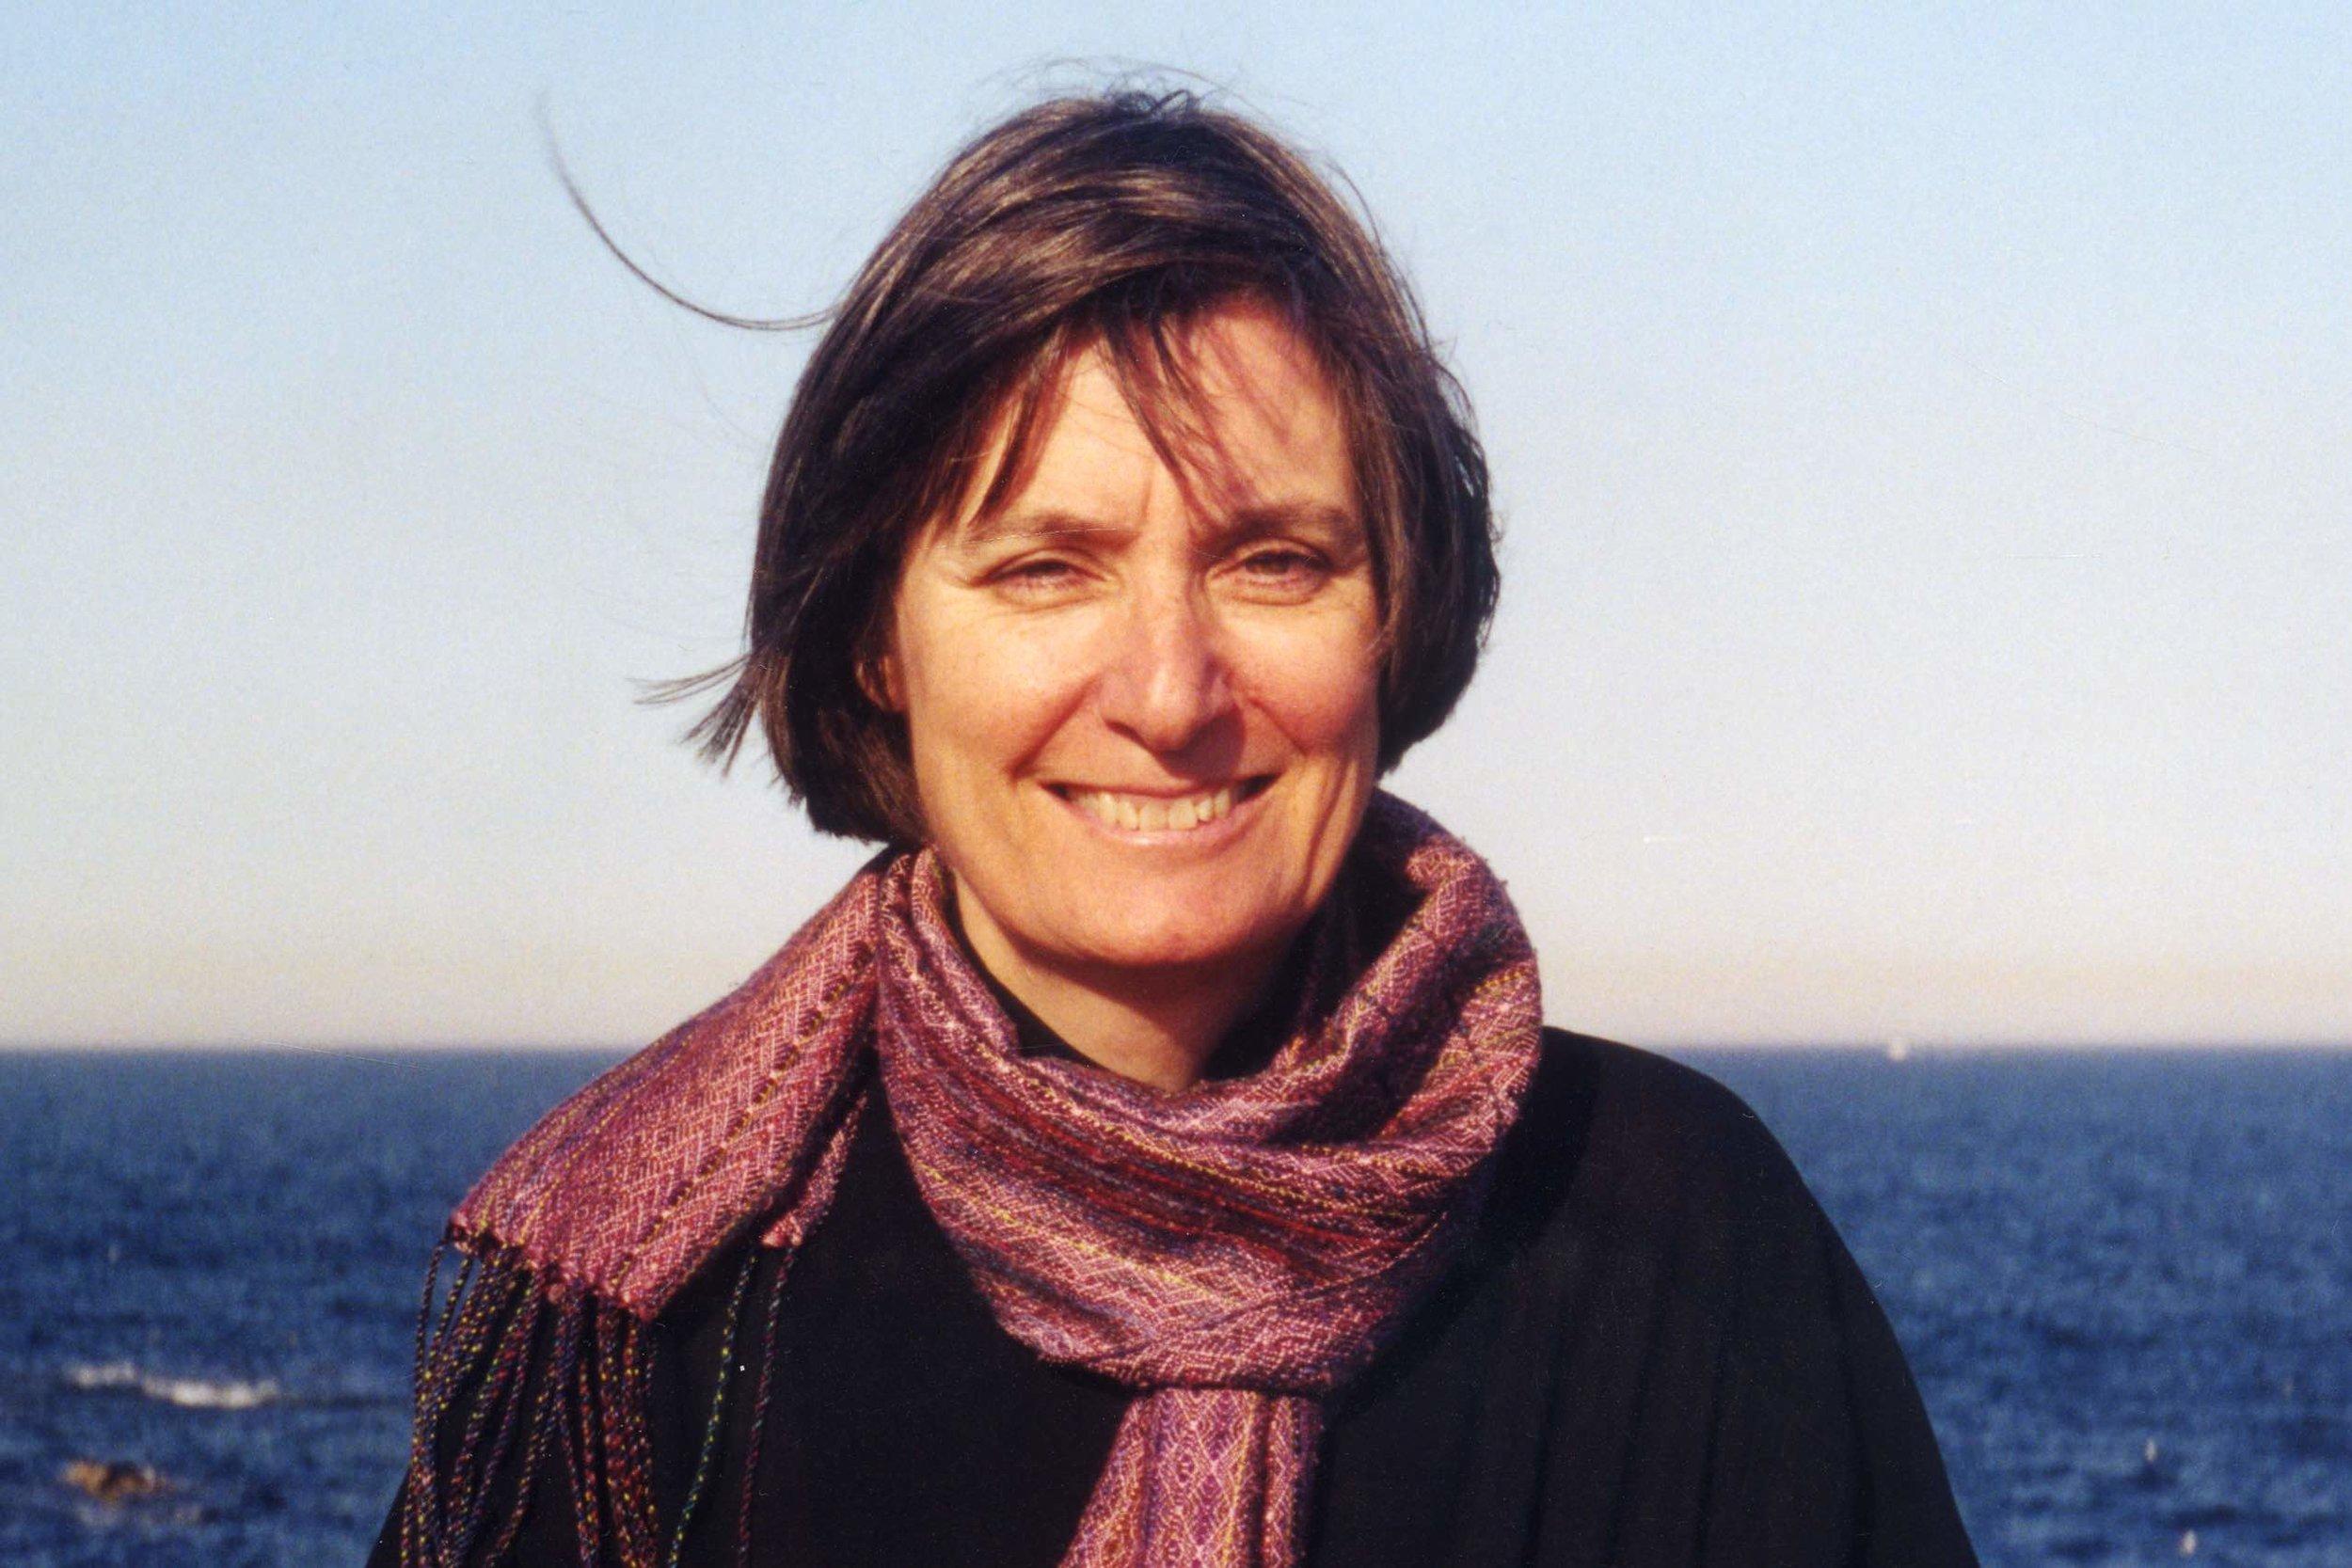 Anne Whiston Spirn - the recipient of the 2018 IFLA Sir Geoffrey Jellicoe award. Photo credit: IFLA